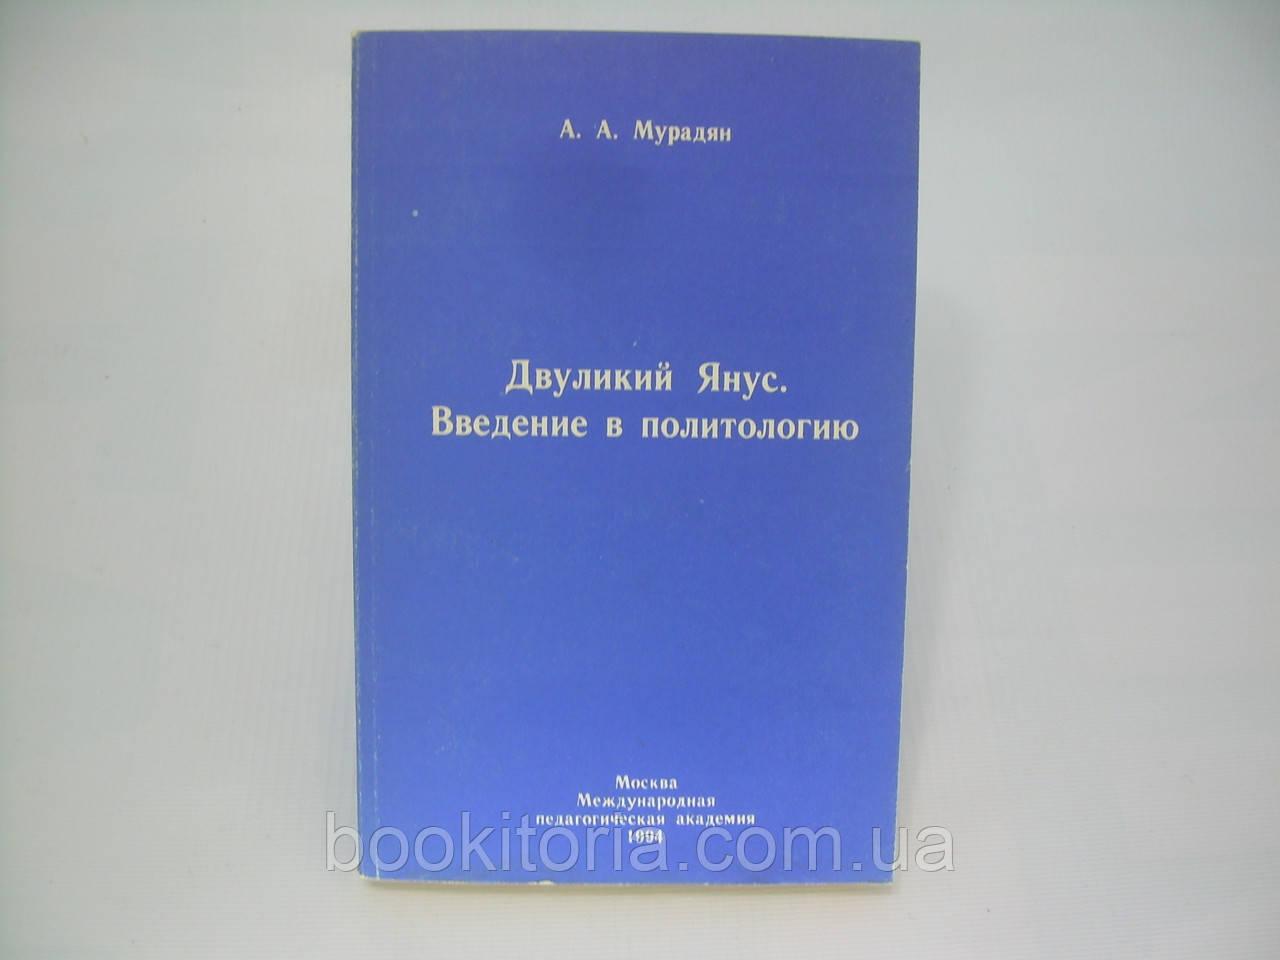 Мурадян А.А. Двуликий Янус. Введение в политологию (б/у).